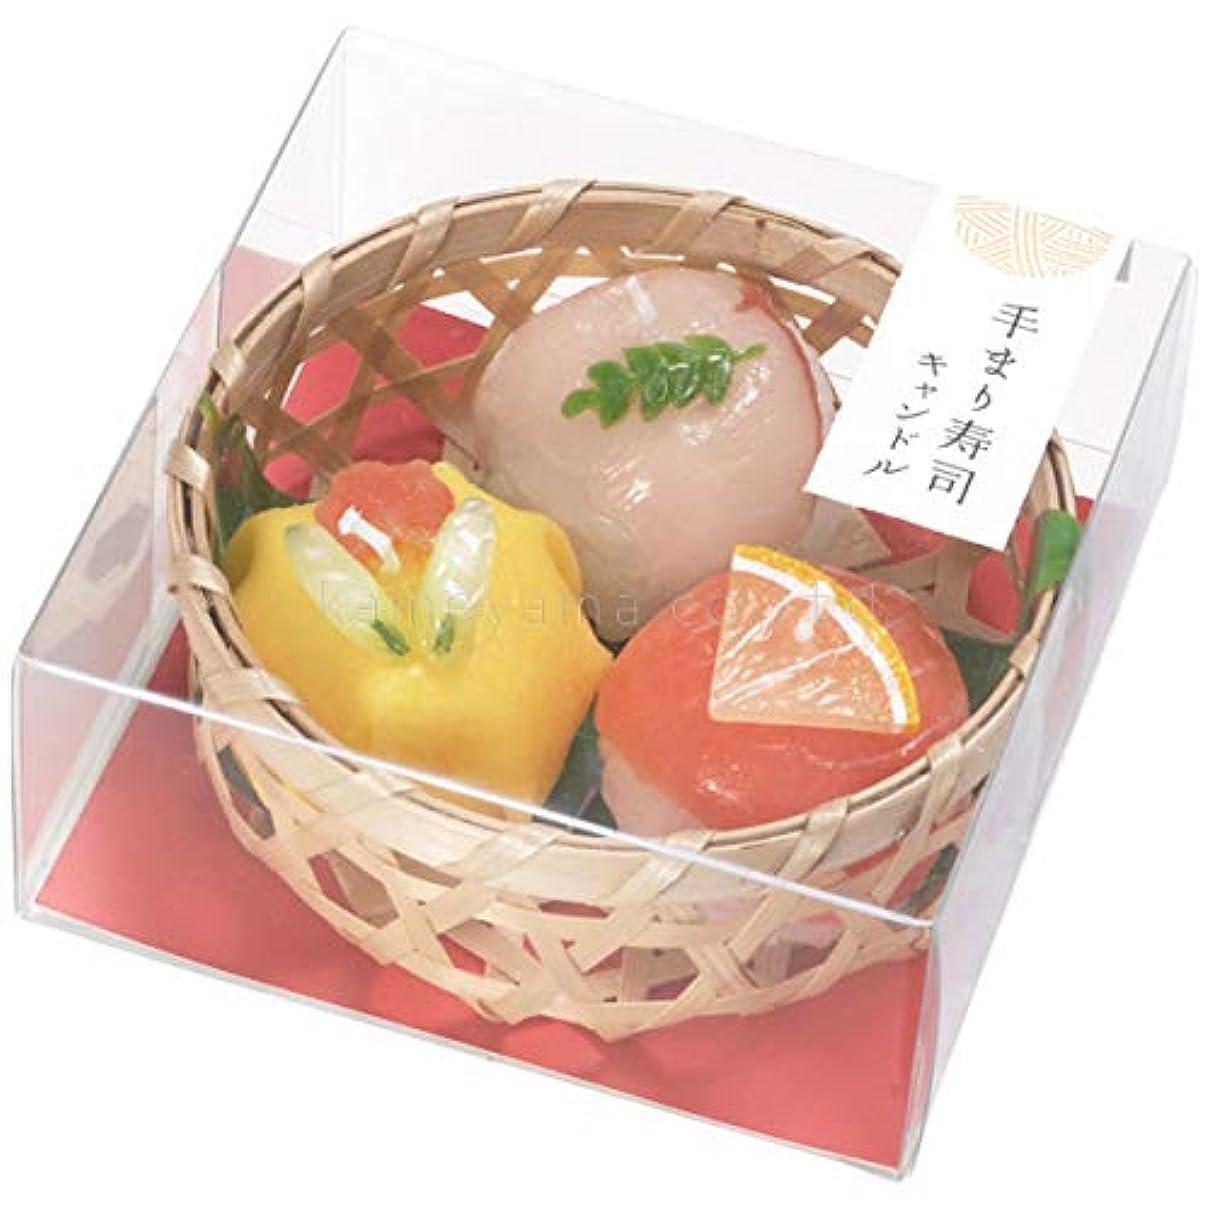 有名排除する請う手まり寿司キャンドル (故人の好物シリーズ)